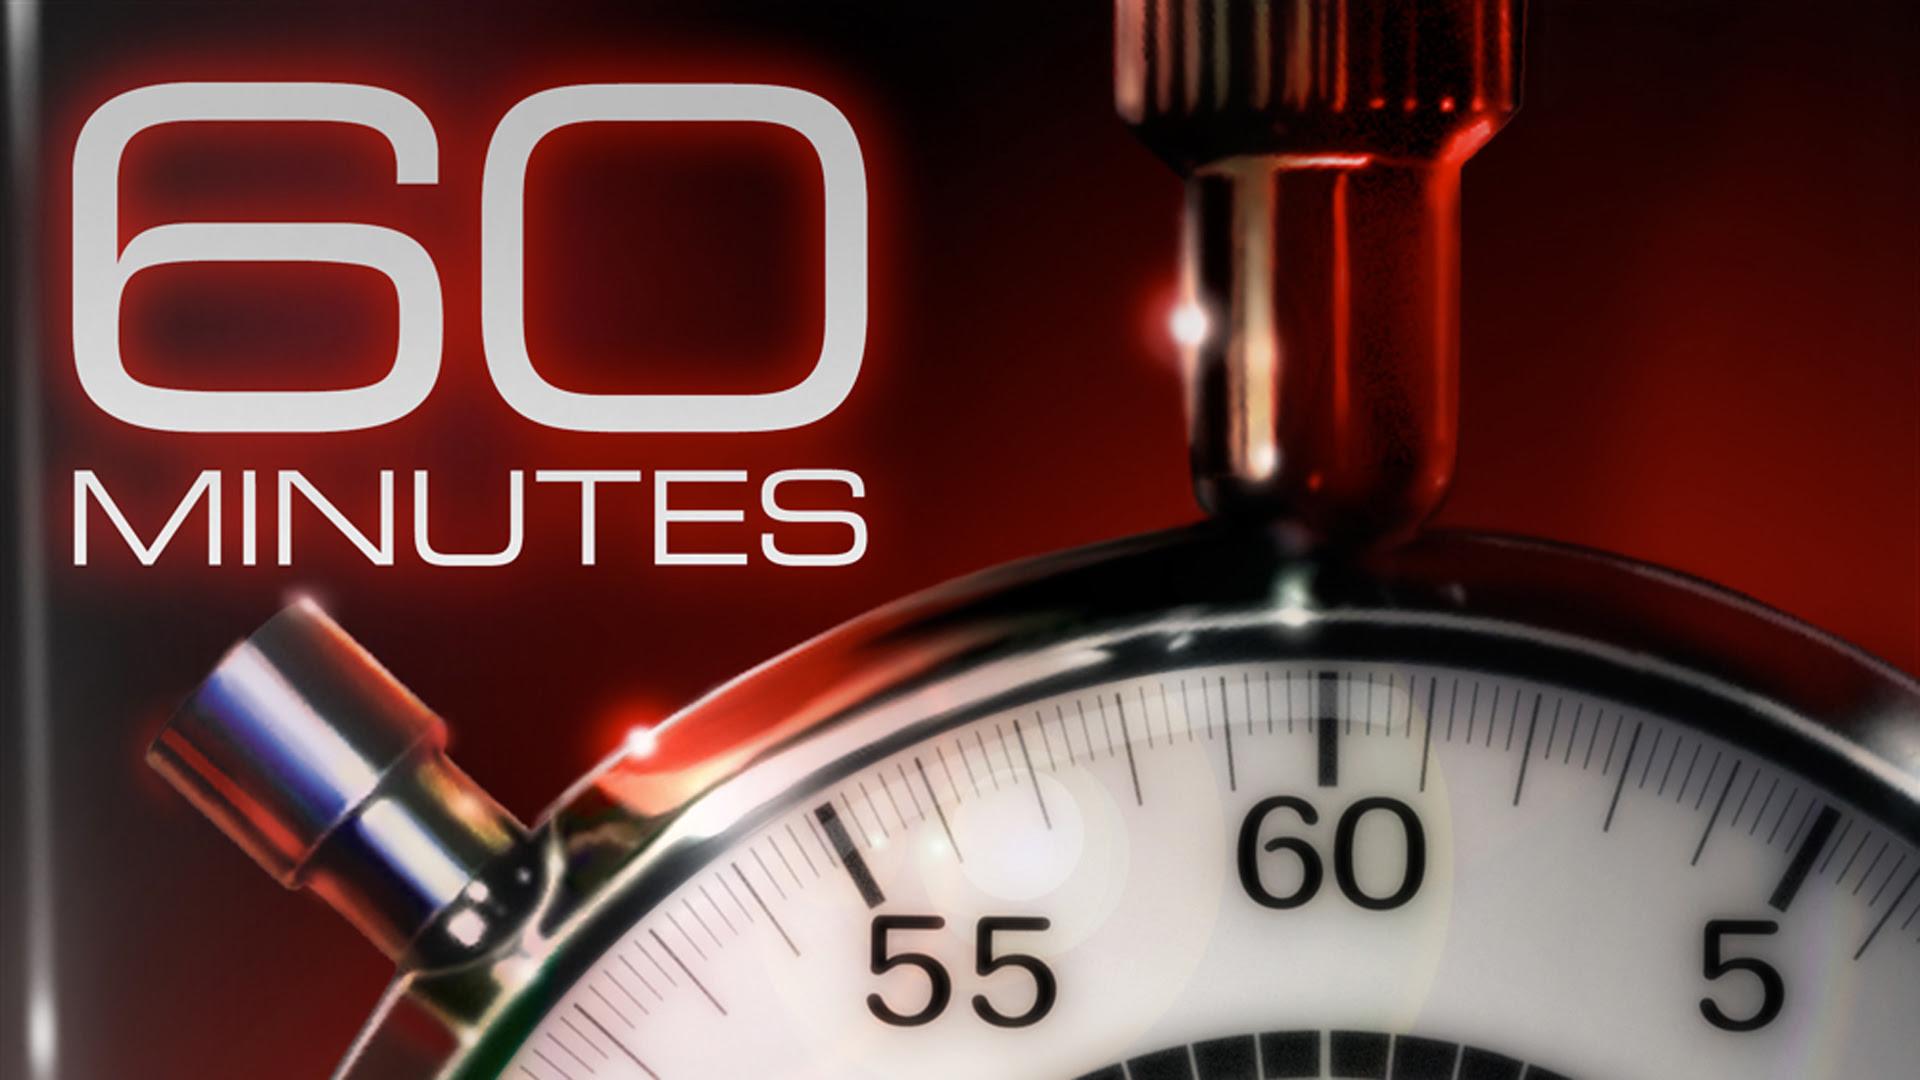 Resultado de imagem para 60 minutes serie CBS